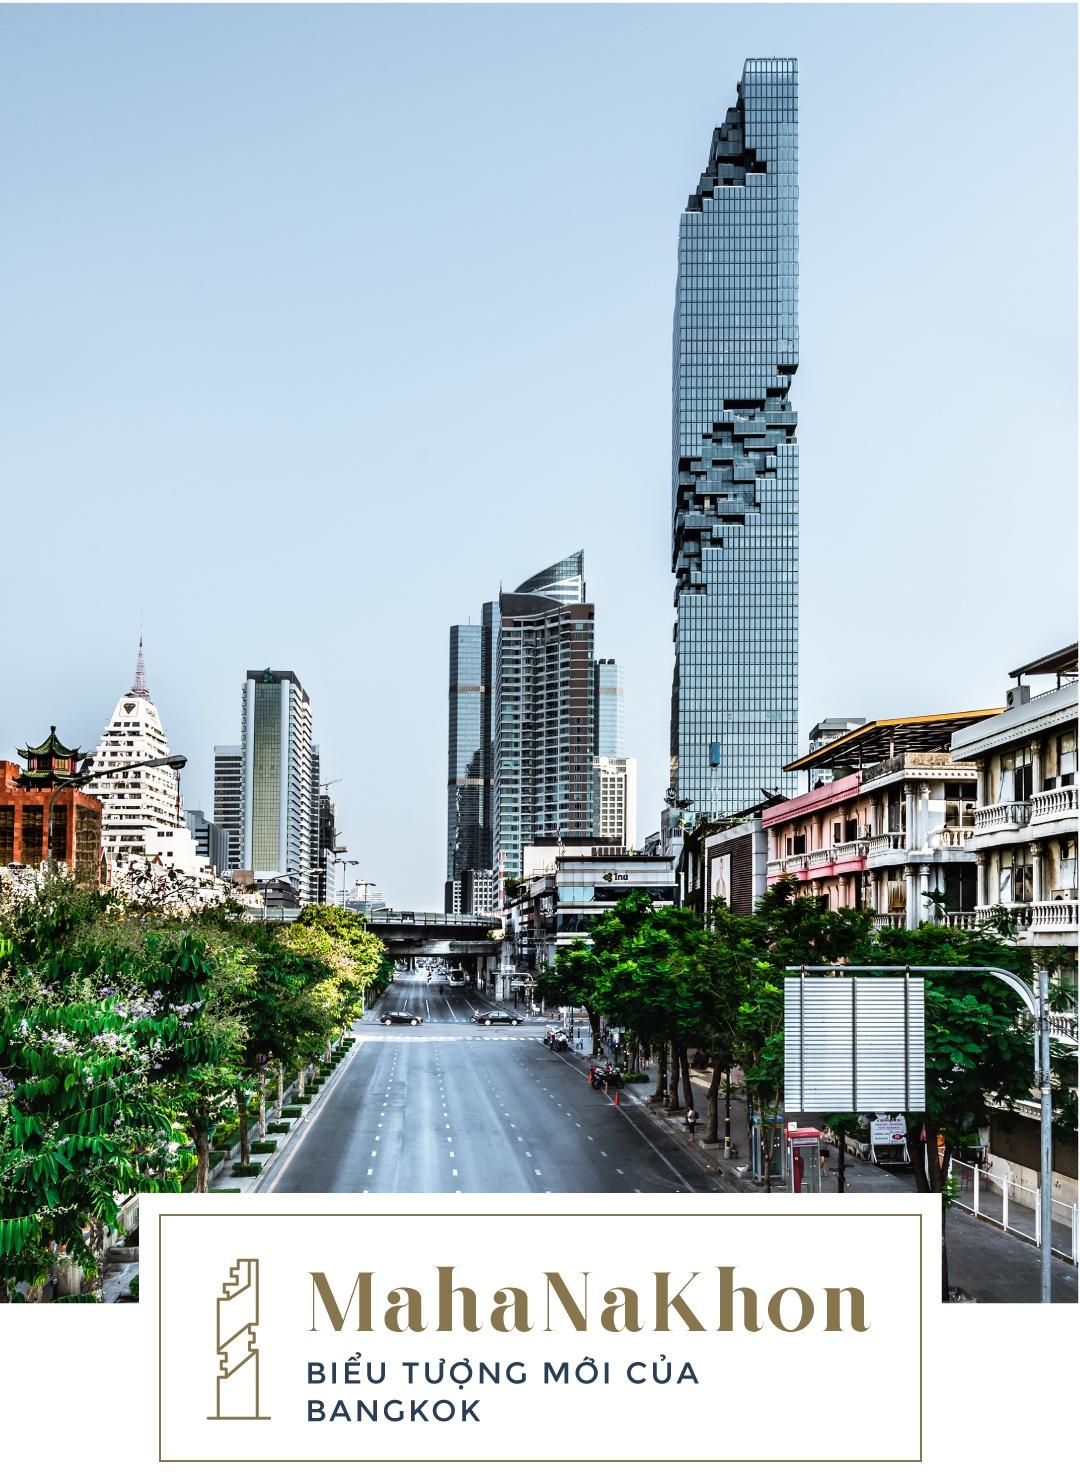 Kham pha bieu tuong kien truc moi cua Thai Lan, Singapore hinh anh 5